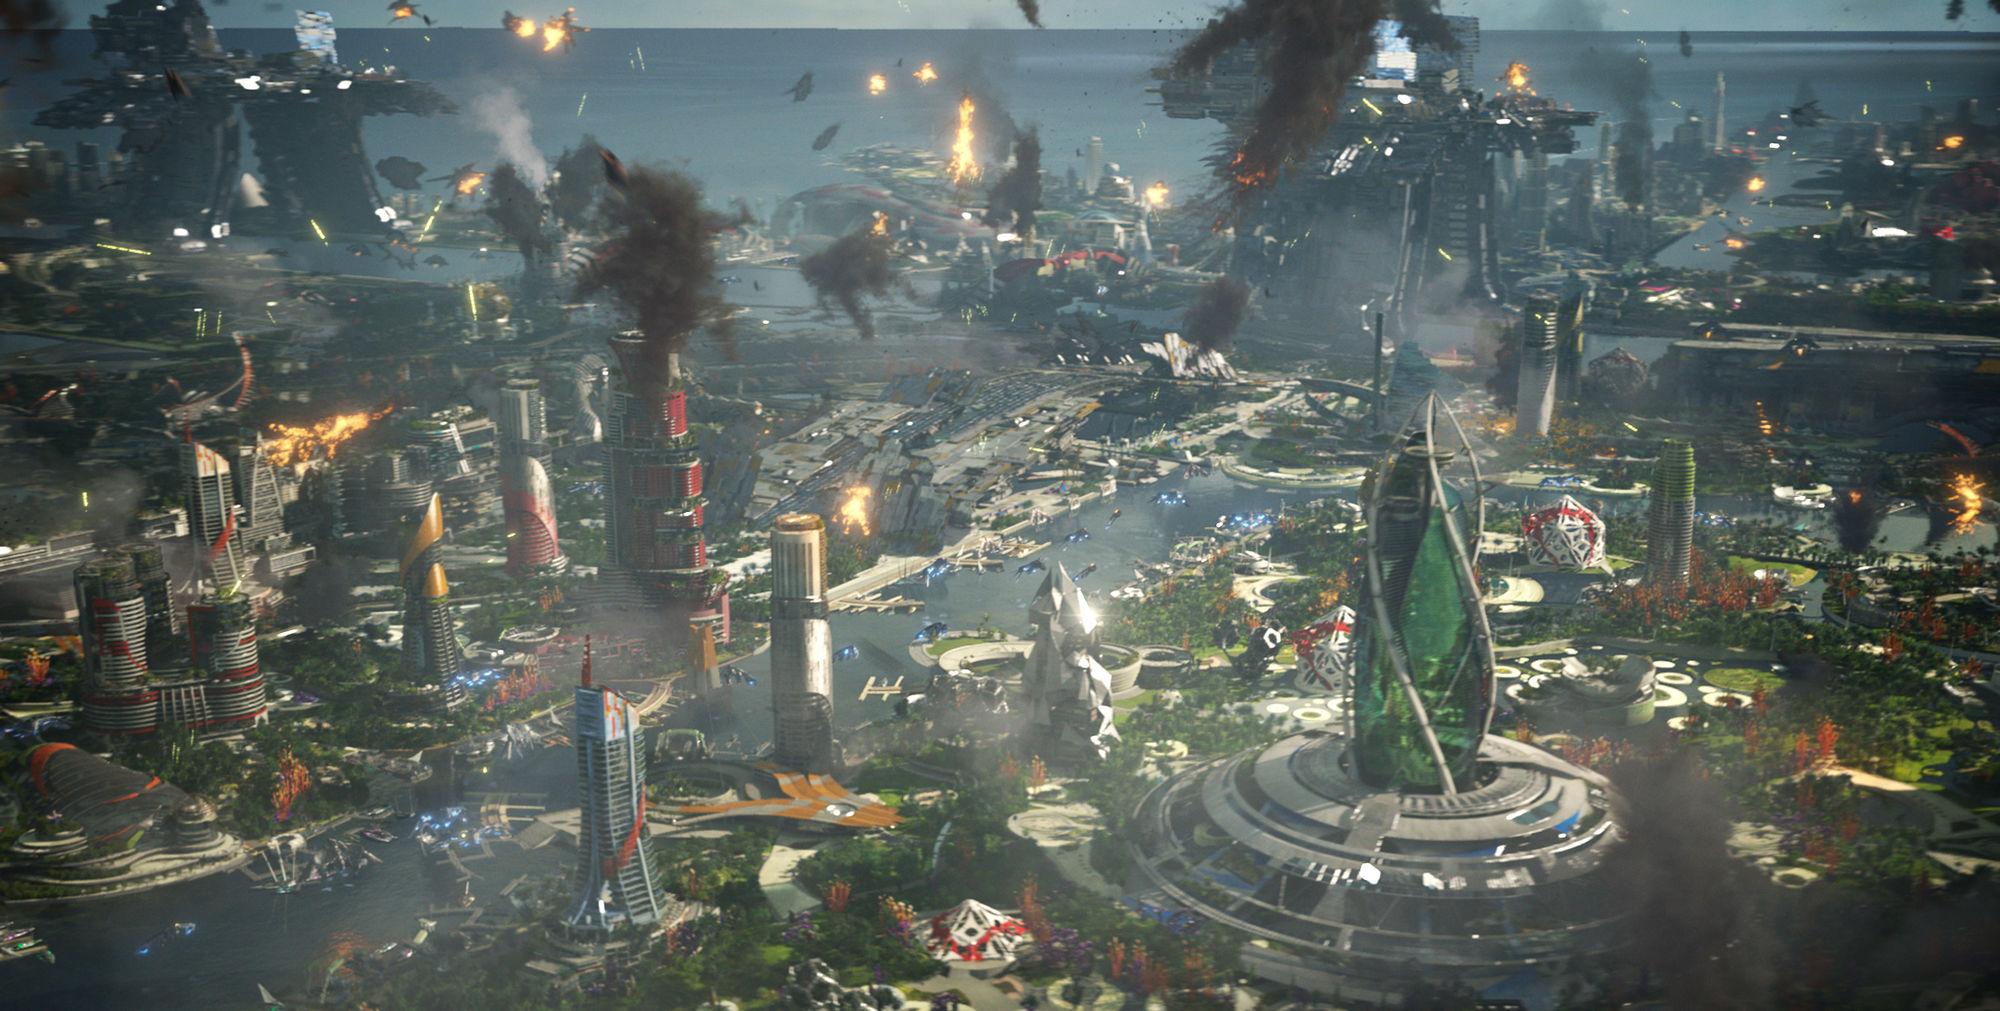 Kree-Nova Krieg